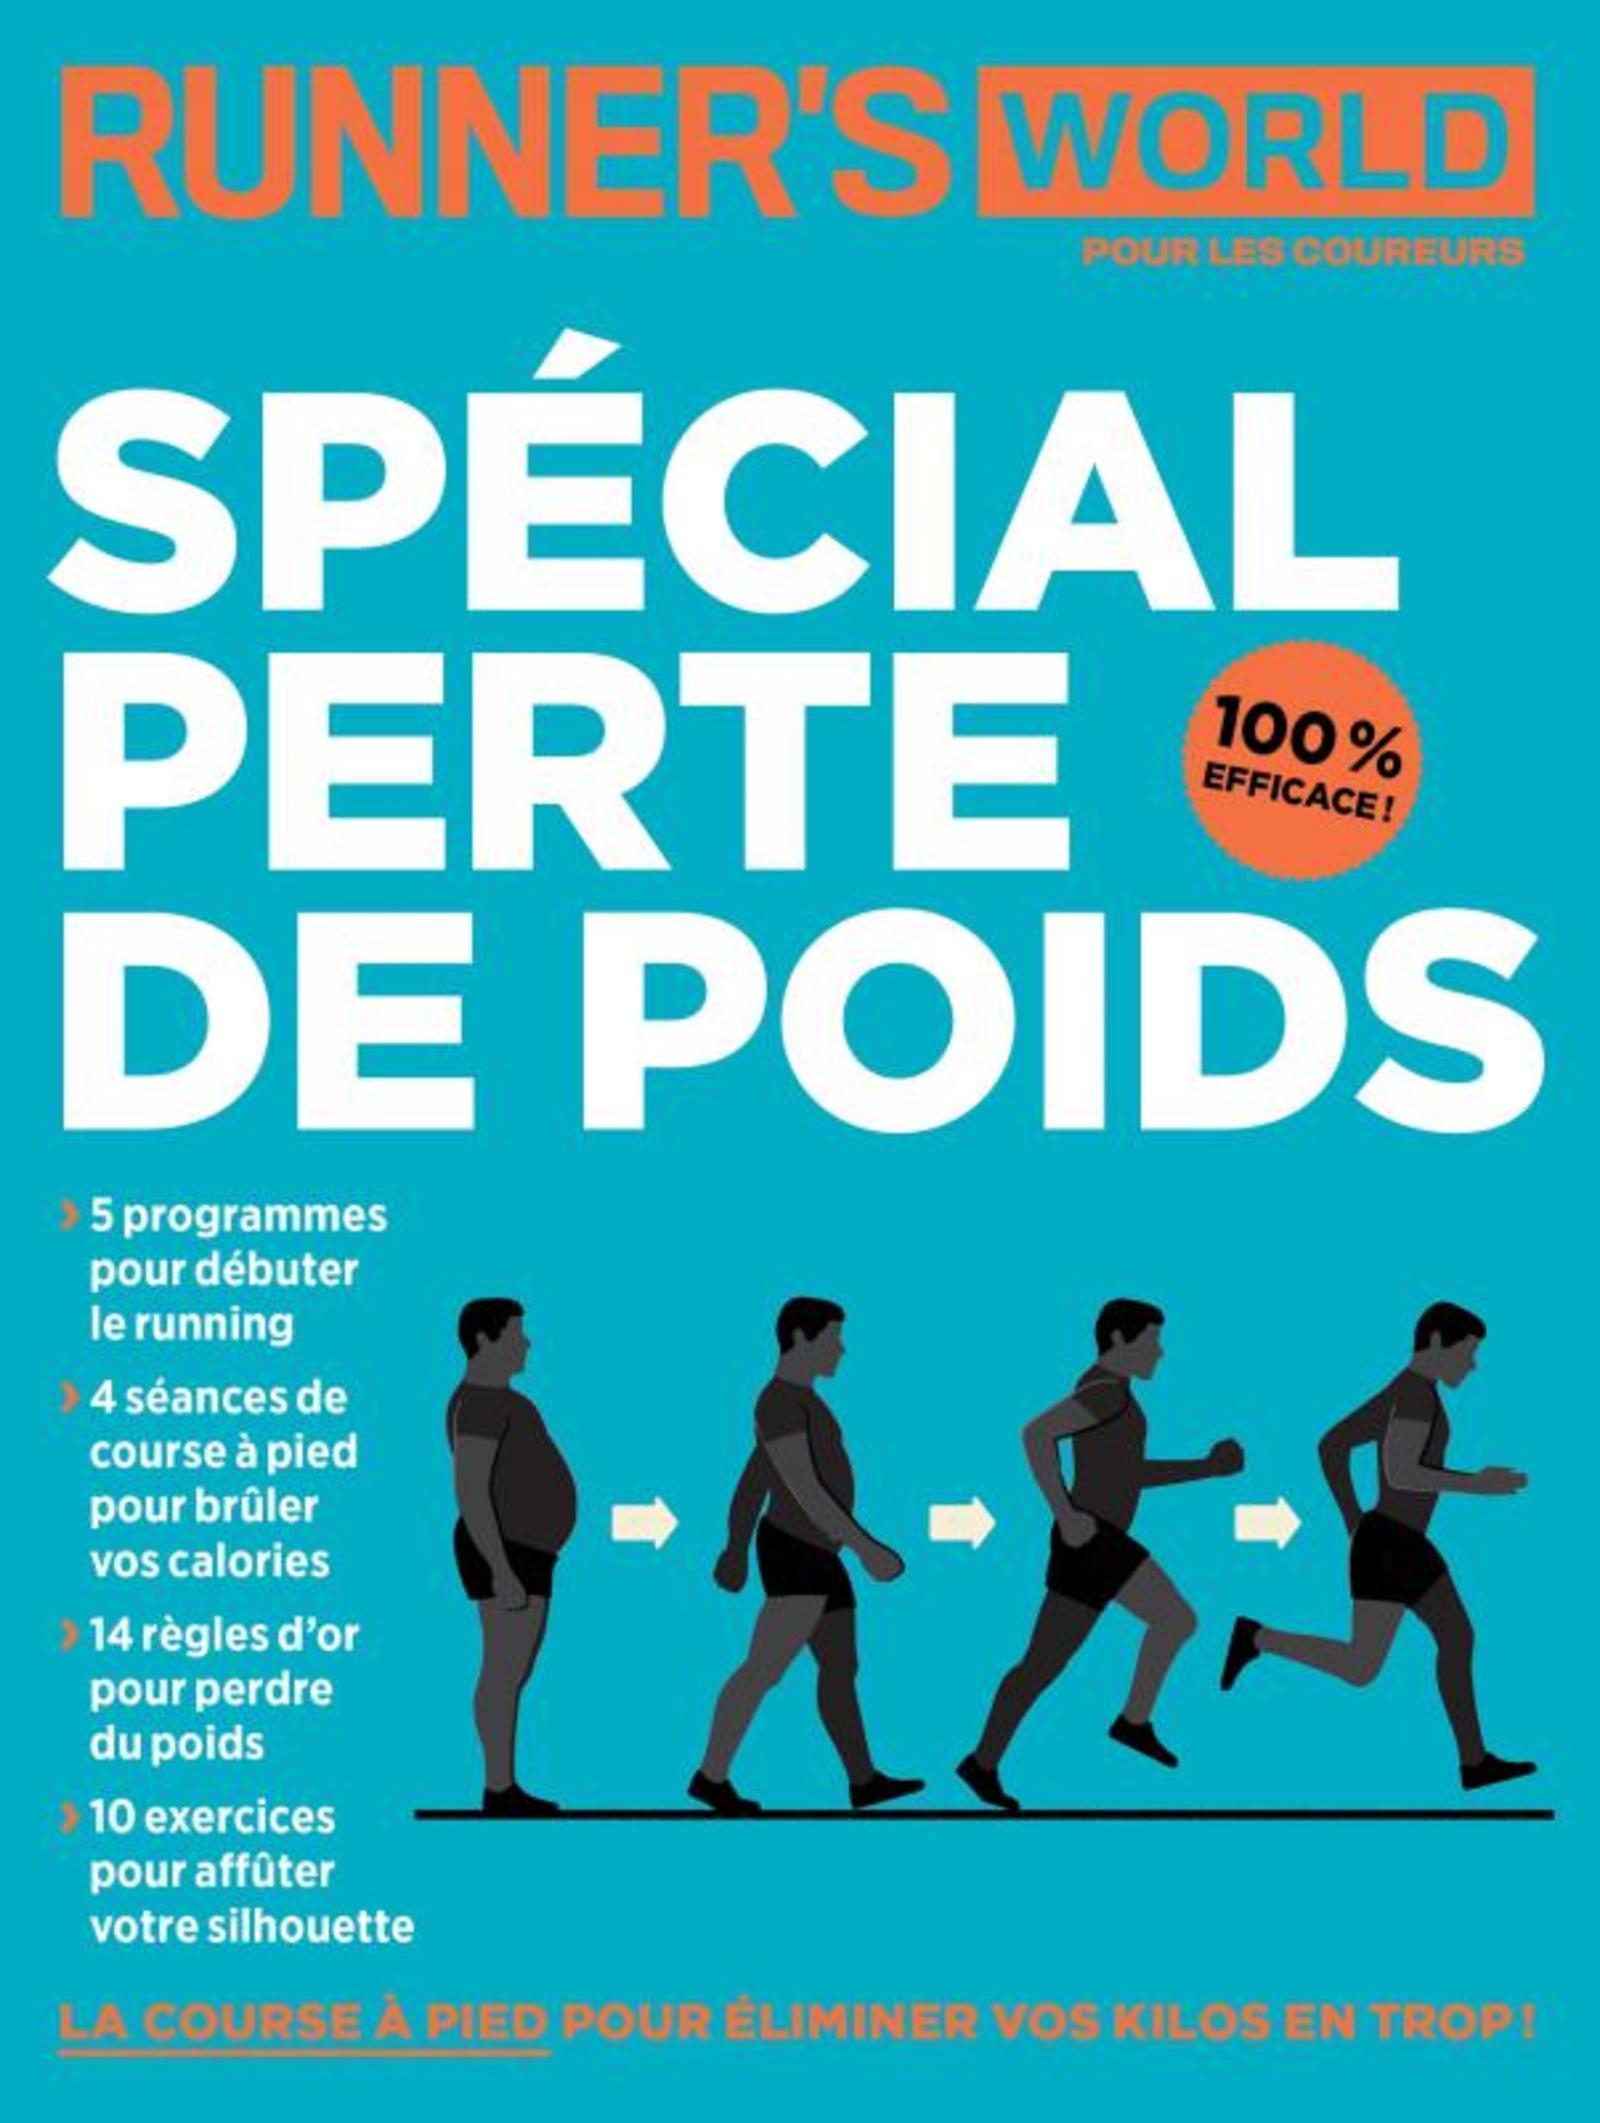 SPECIAL PERTE DE POIDS - RUNNER'S WORLD POUR LES COUREURS